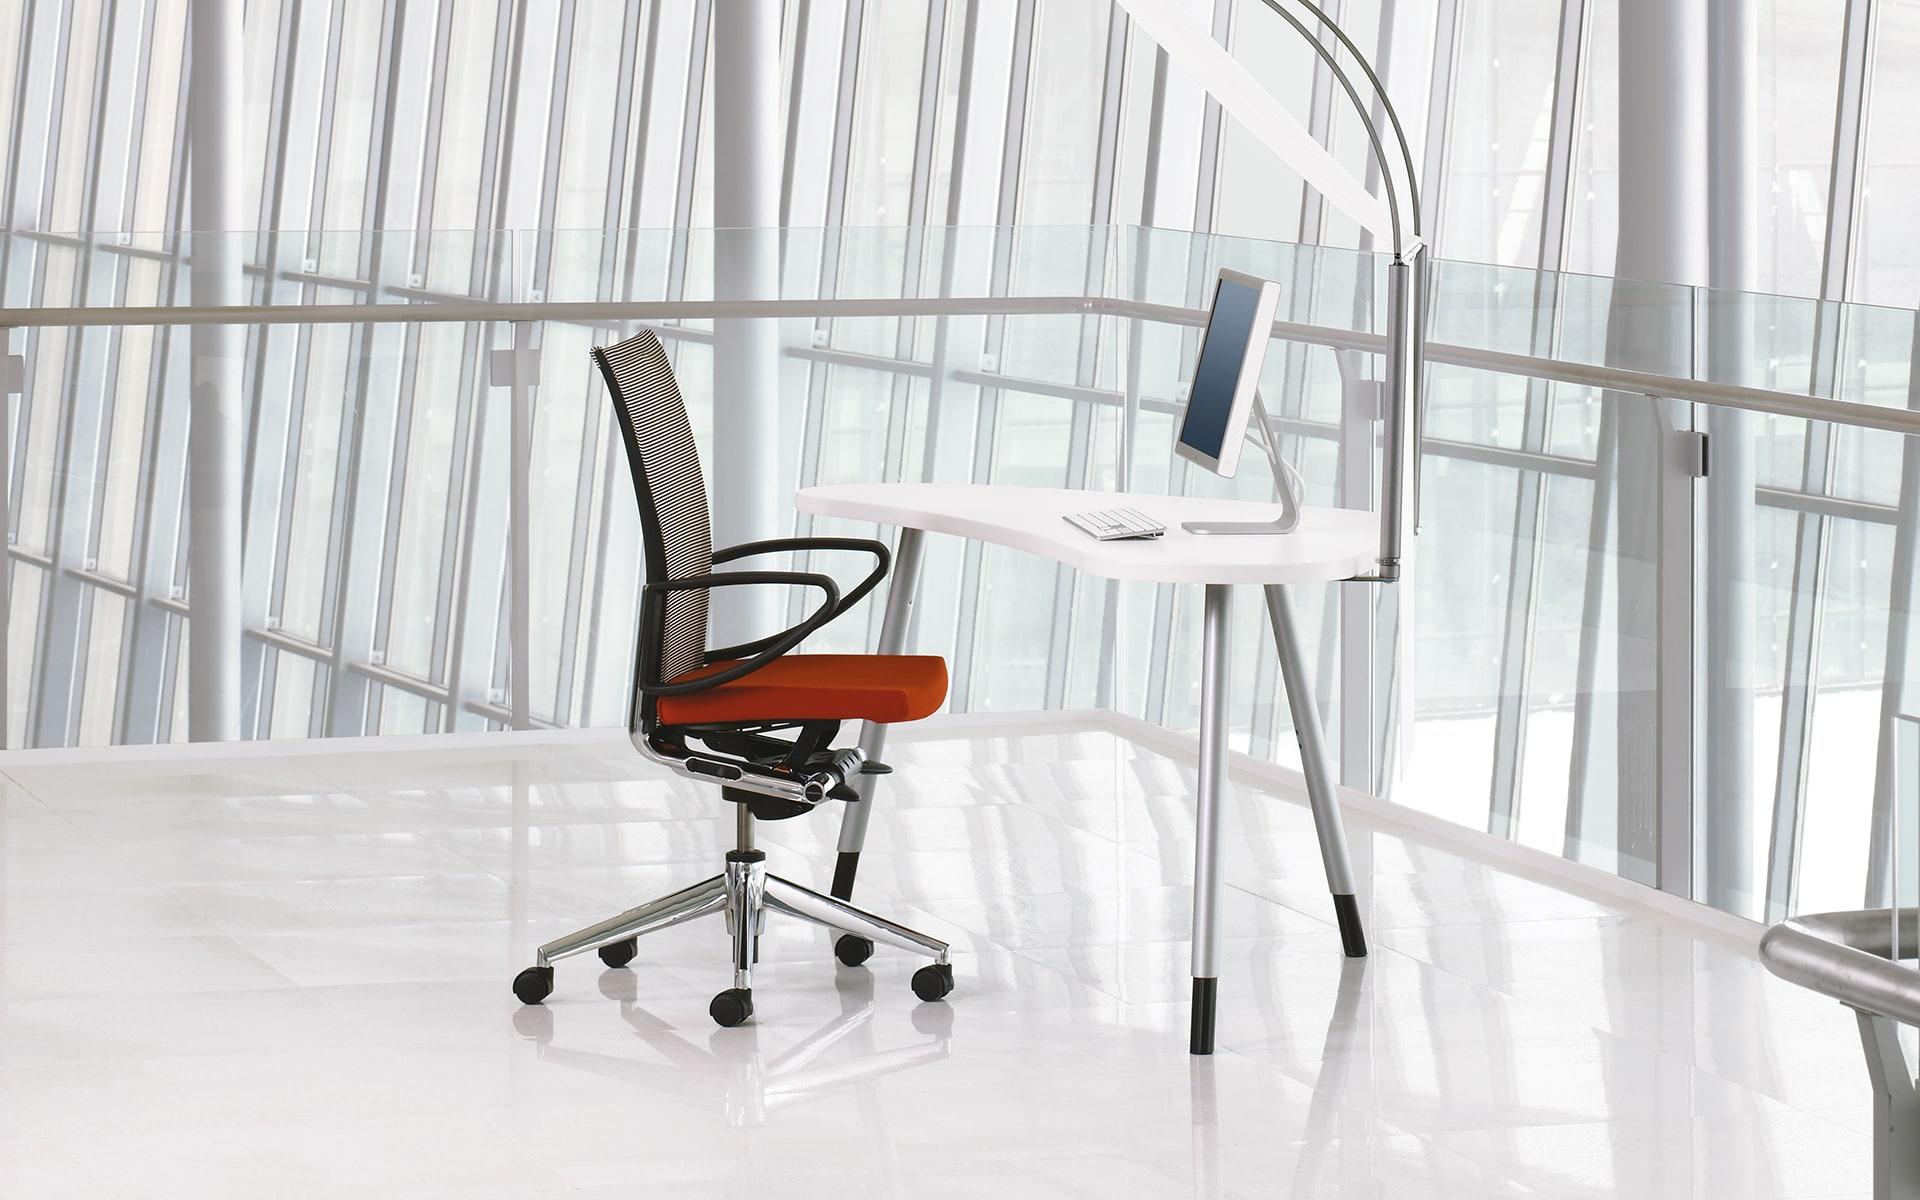 Haworth X99 Drehstuhl von ITO Design mit rotem Polster in minimalistischem Arbeitsbereich